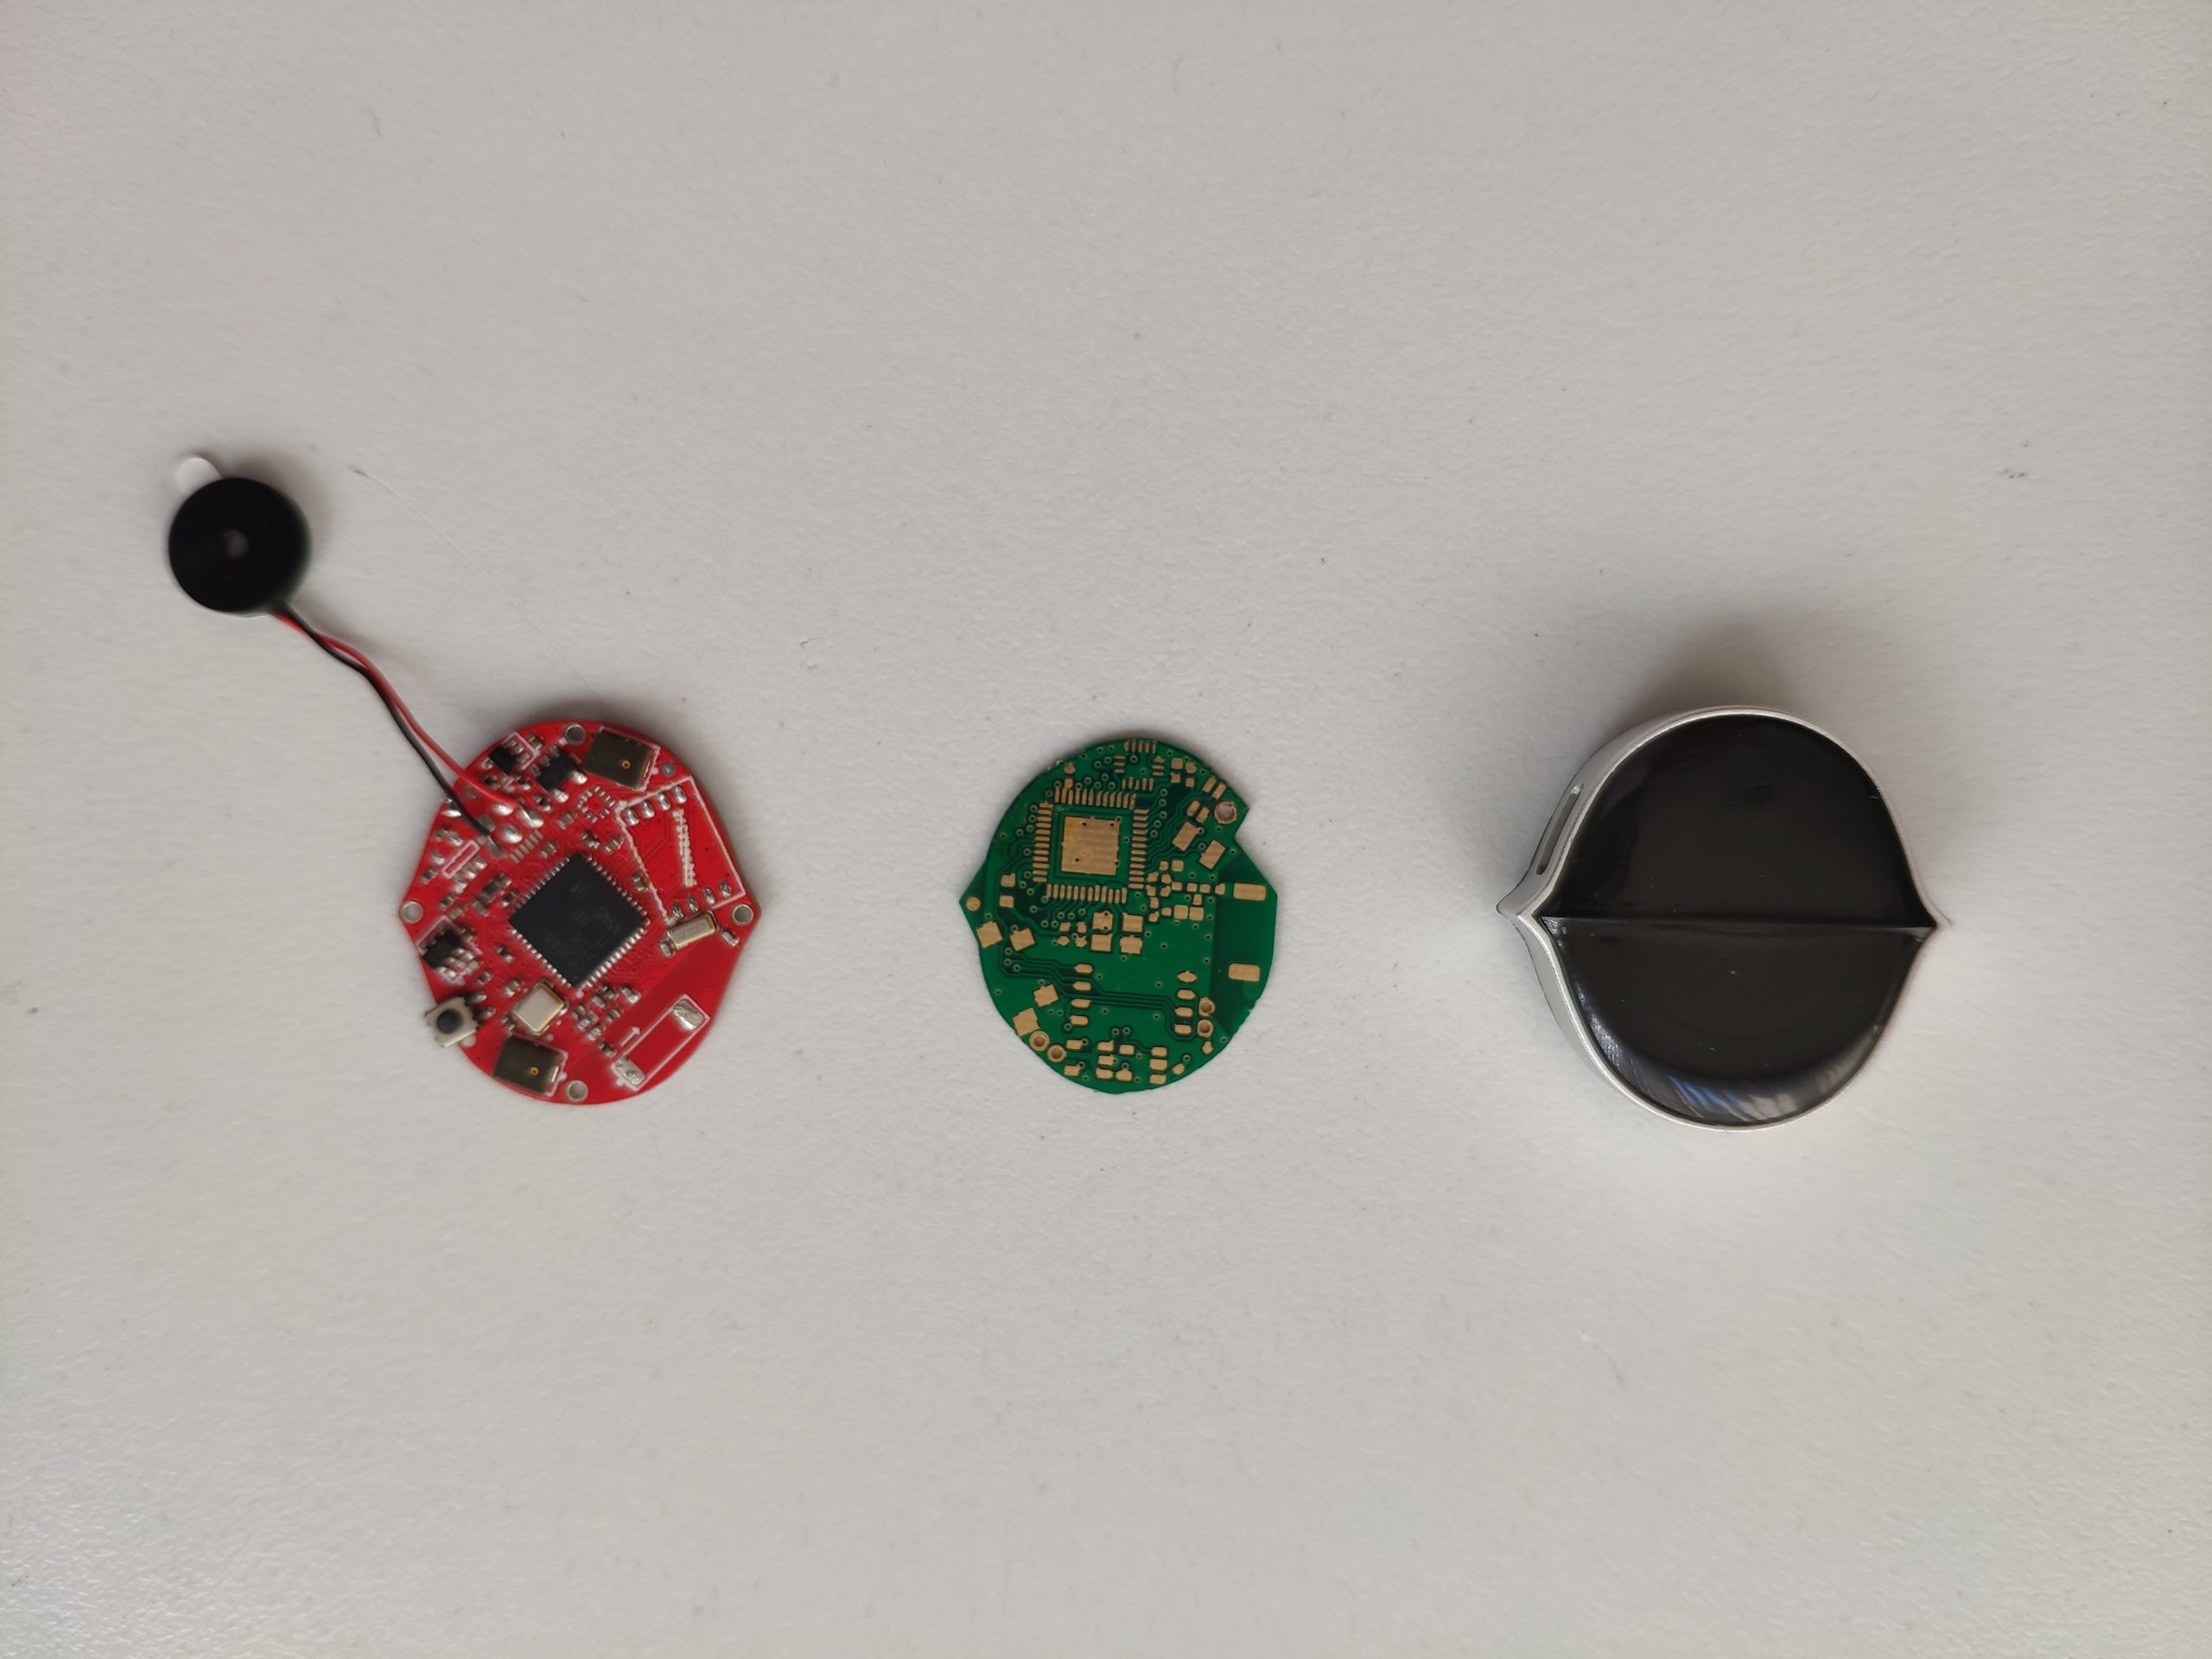 Отладочный прототип, версия близкая к варианту для масс-продакшн